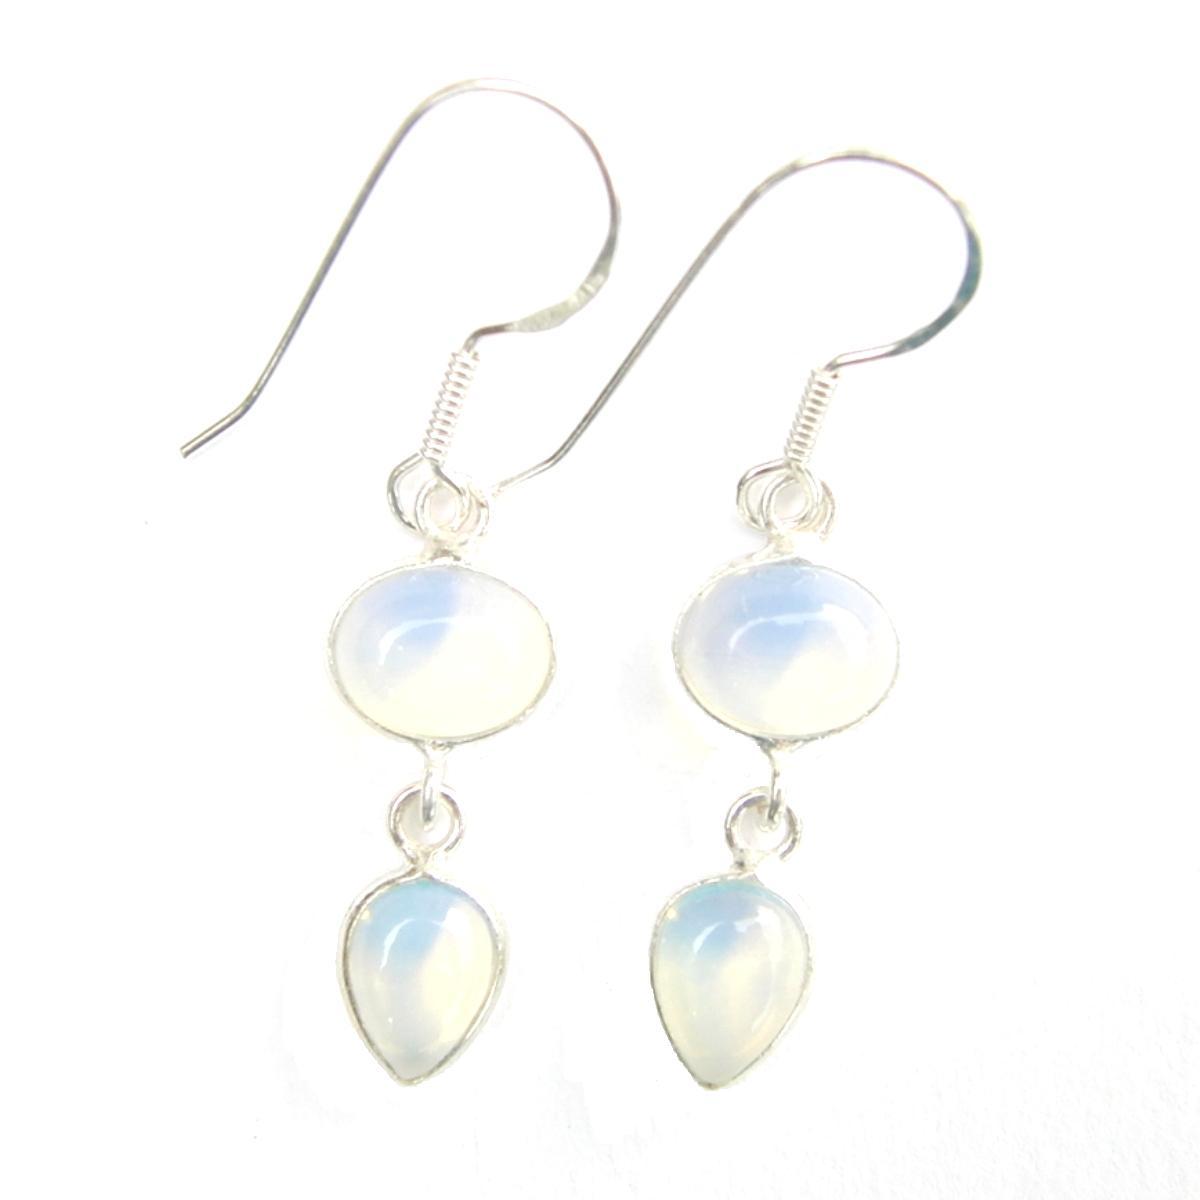 Opalite Double Drop Earrings